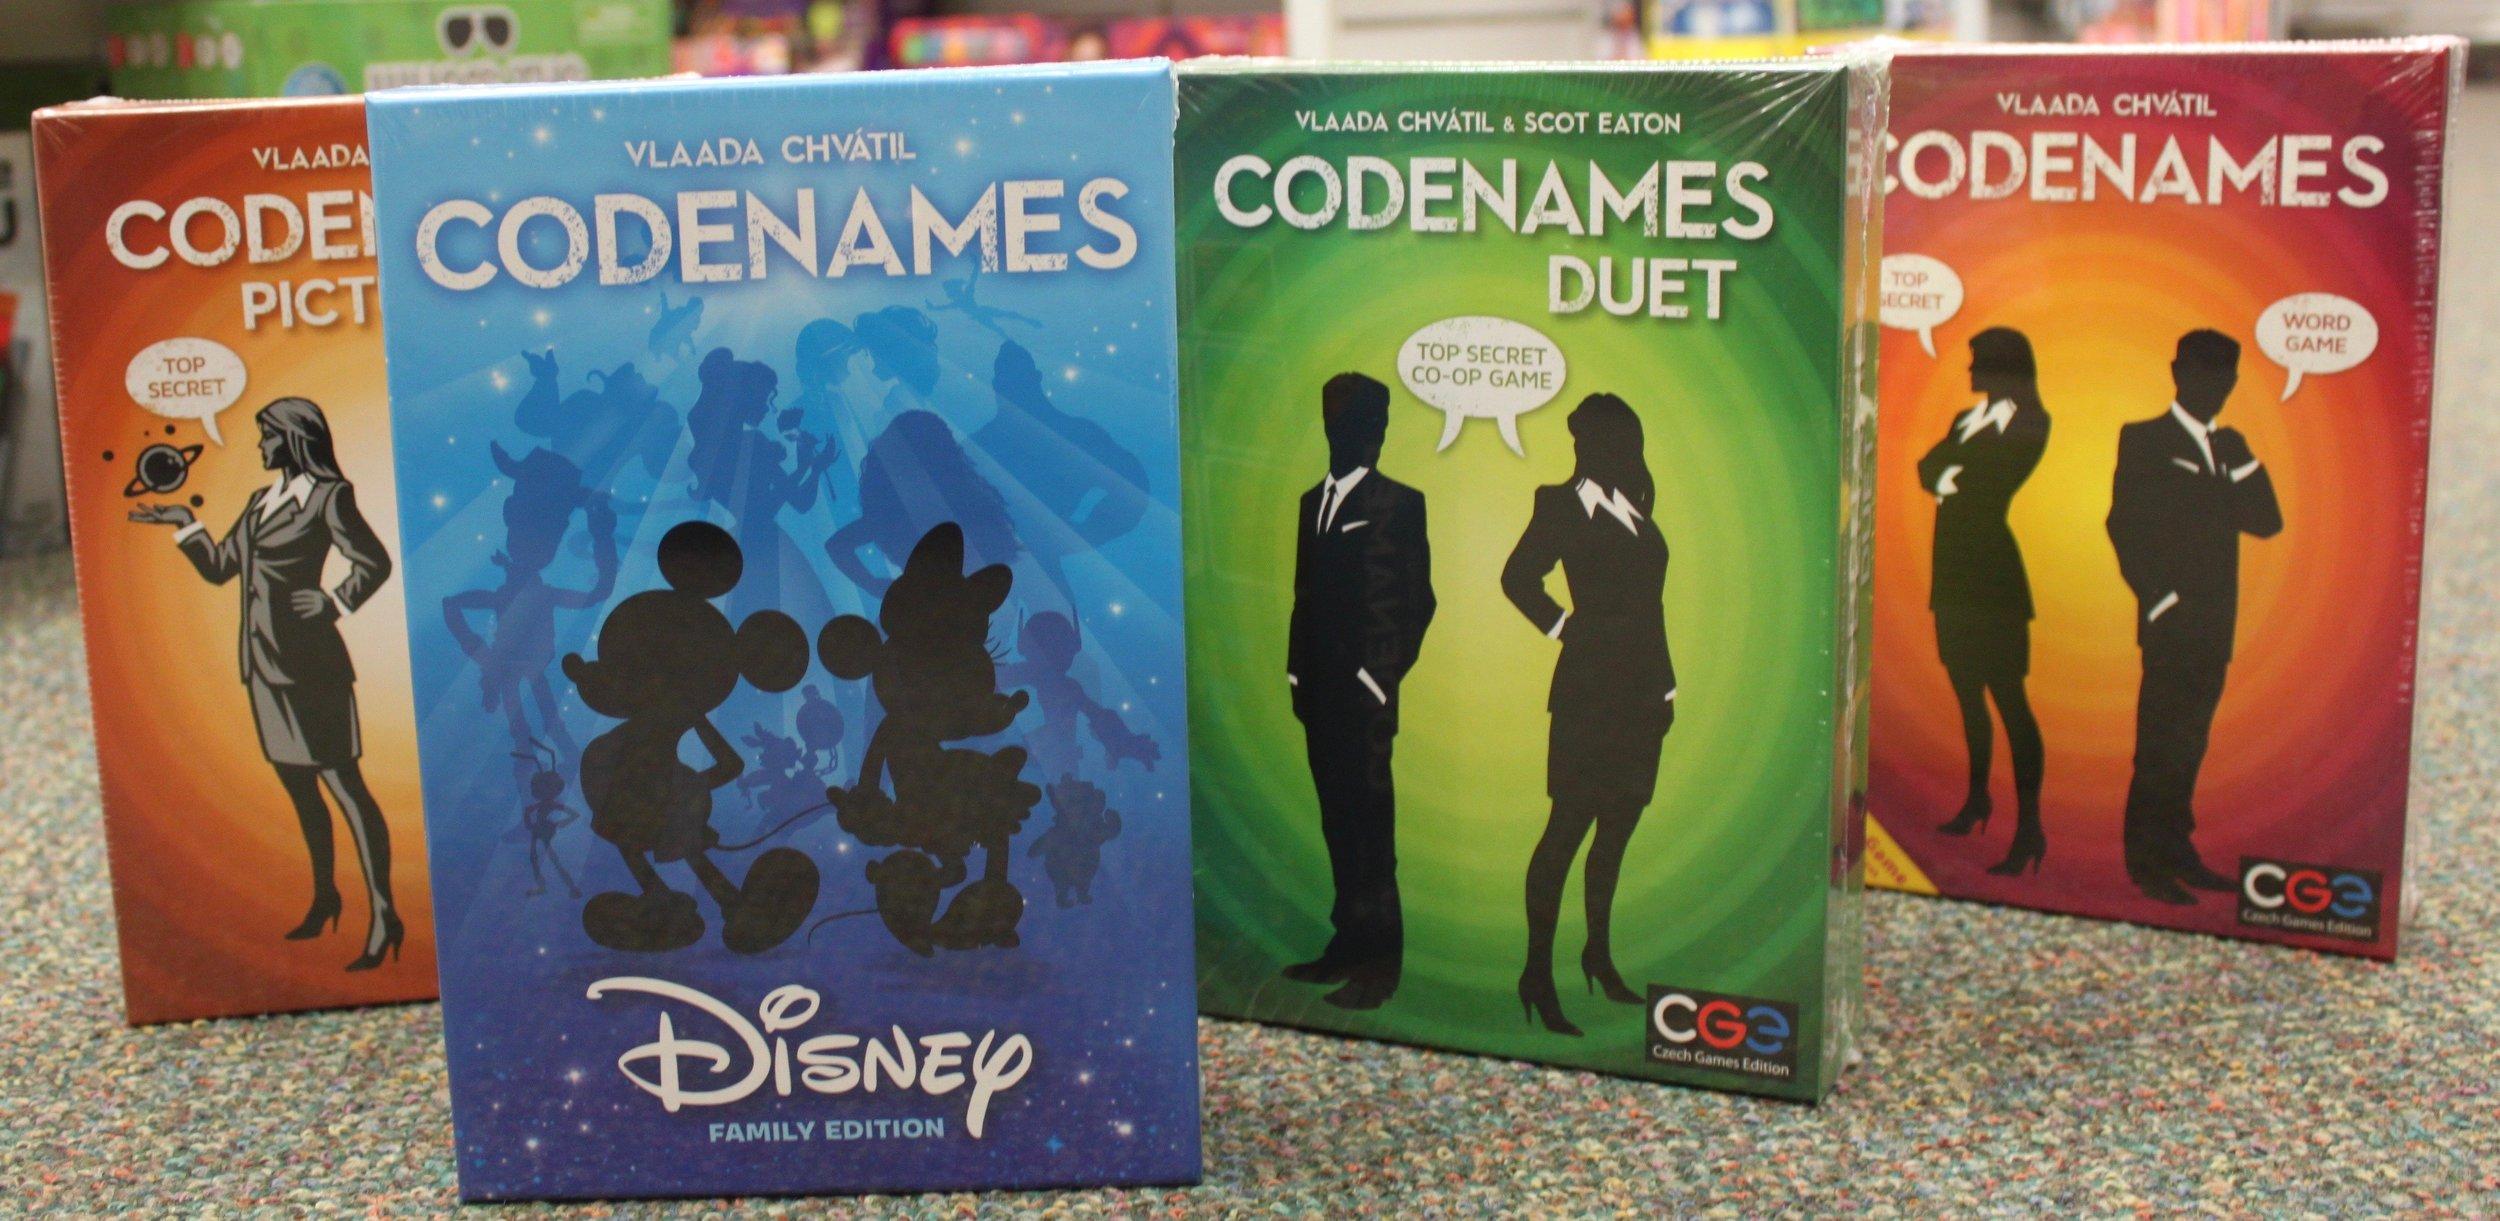 codenames.jpg